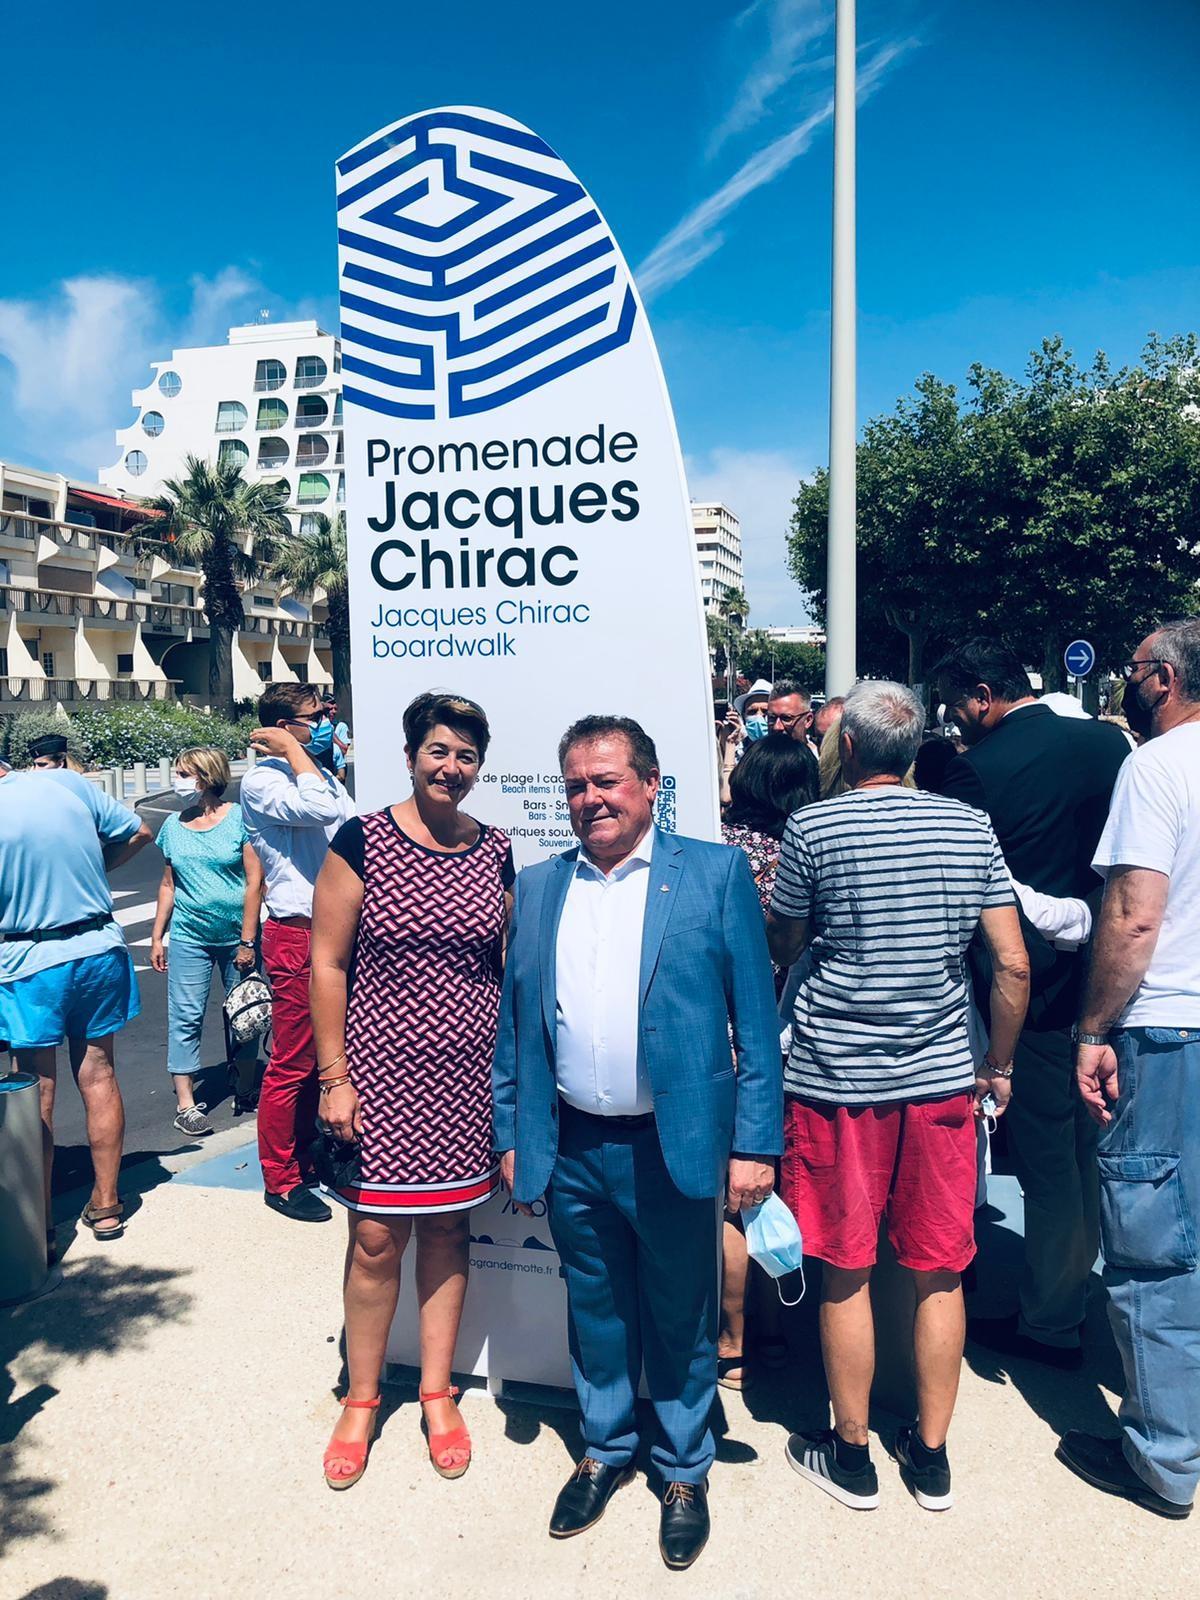 Inauguration de la promenade Jacques Chirac